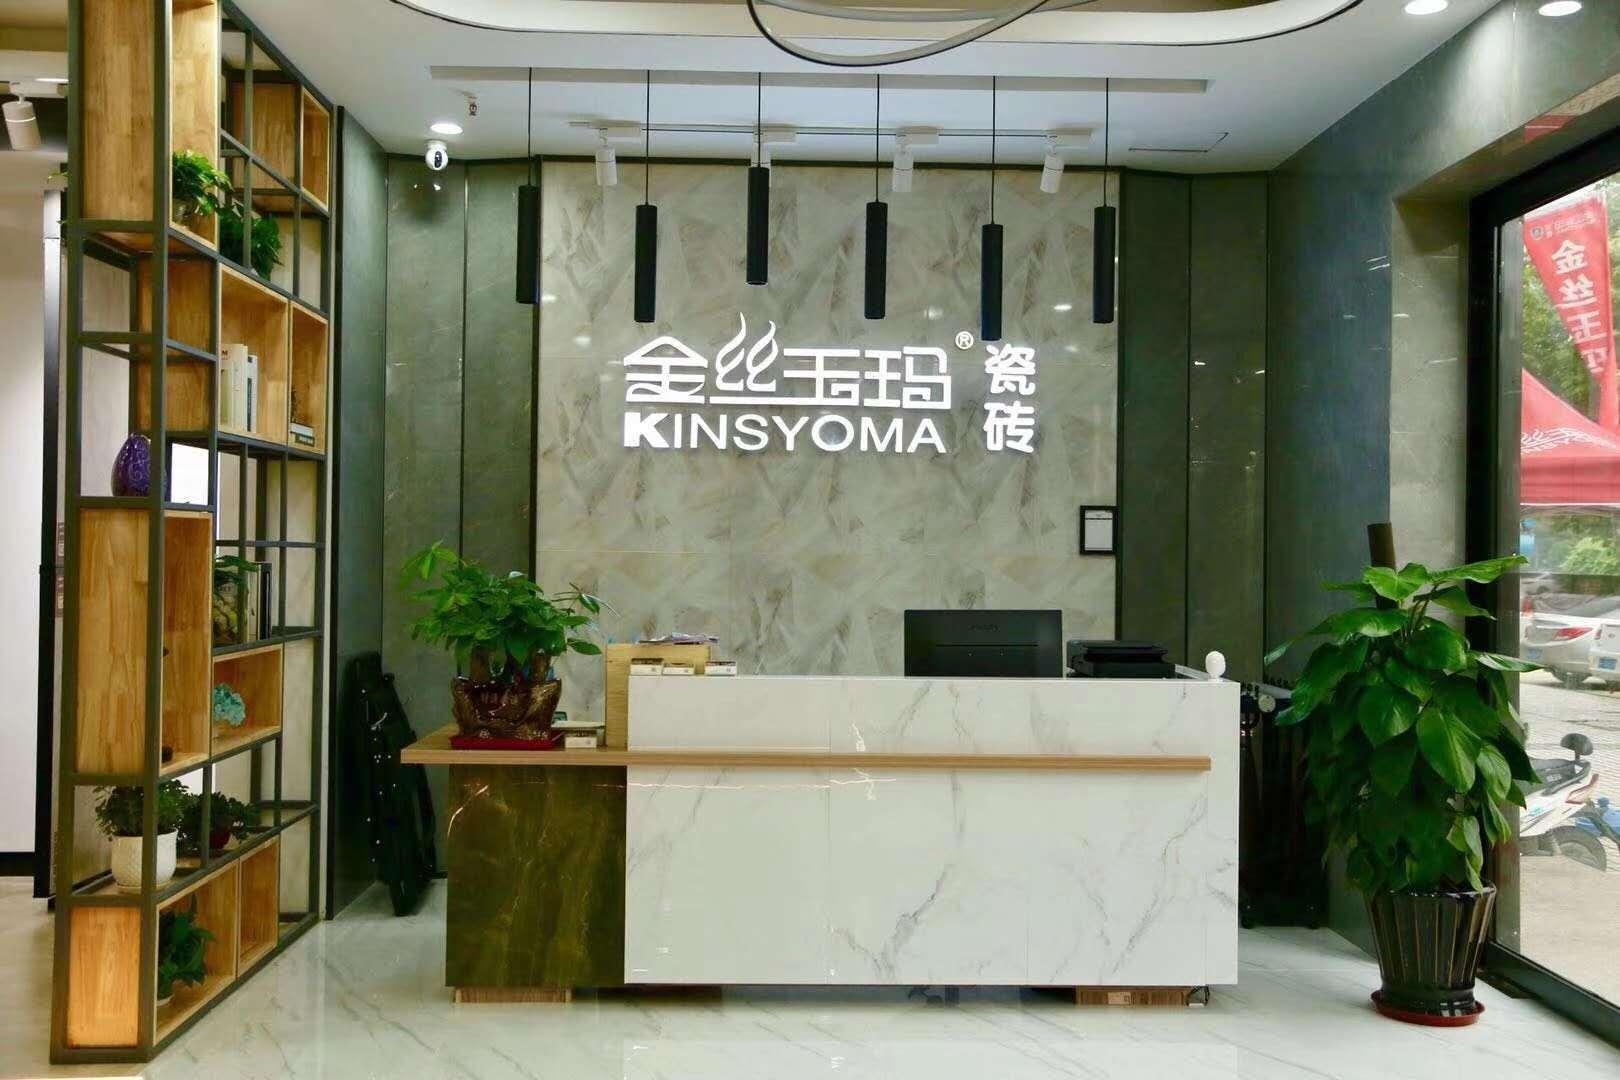 龙8娱乐平台装饰金盛国际家居专卖店